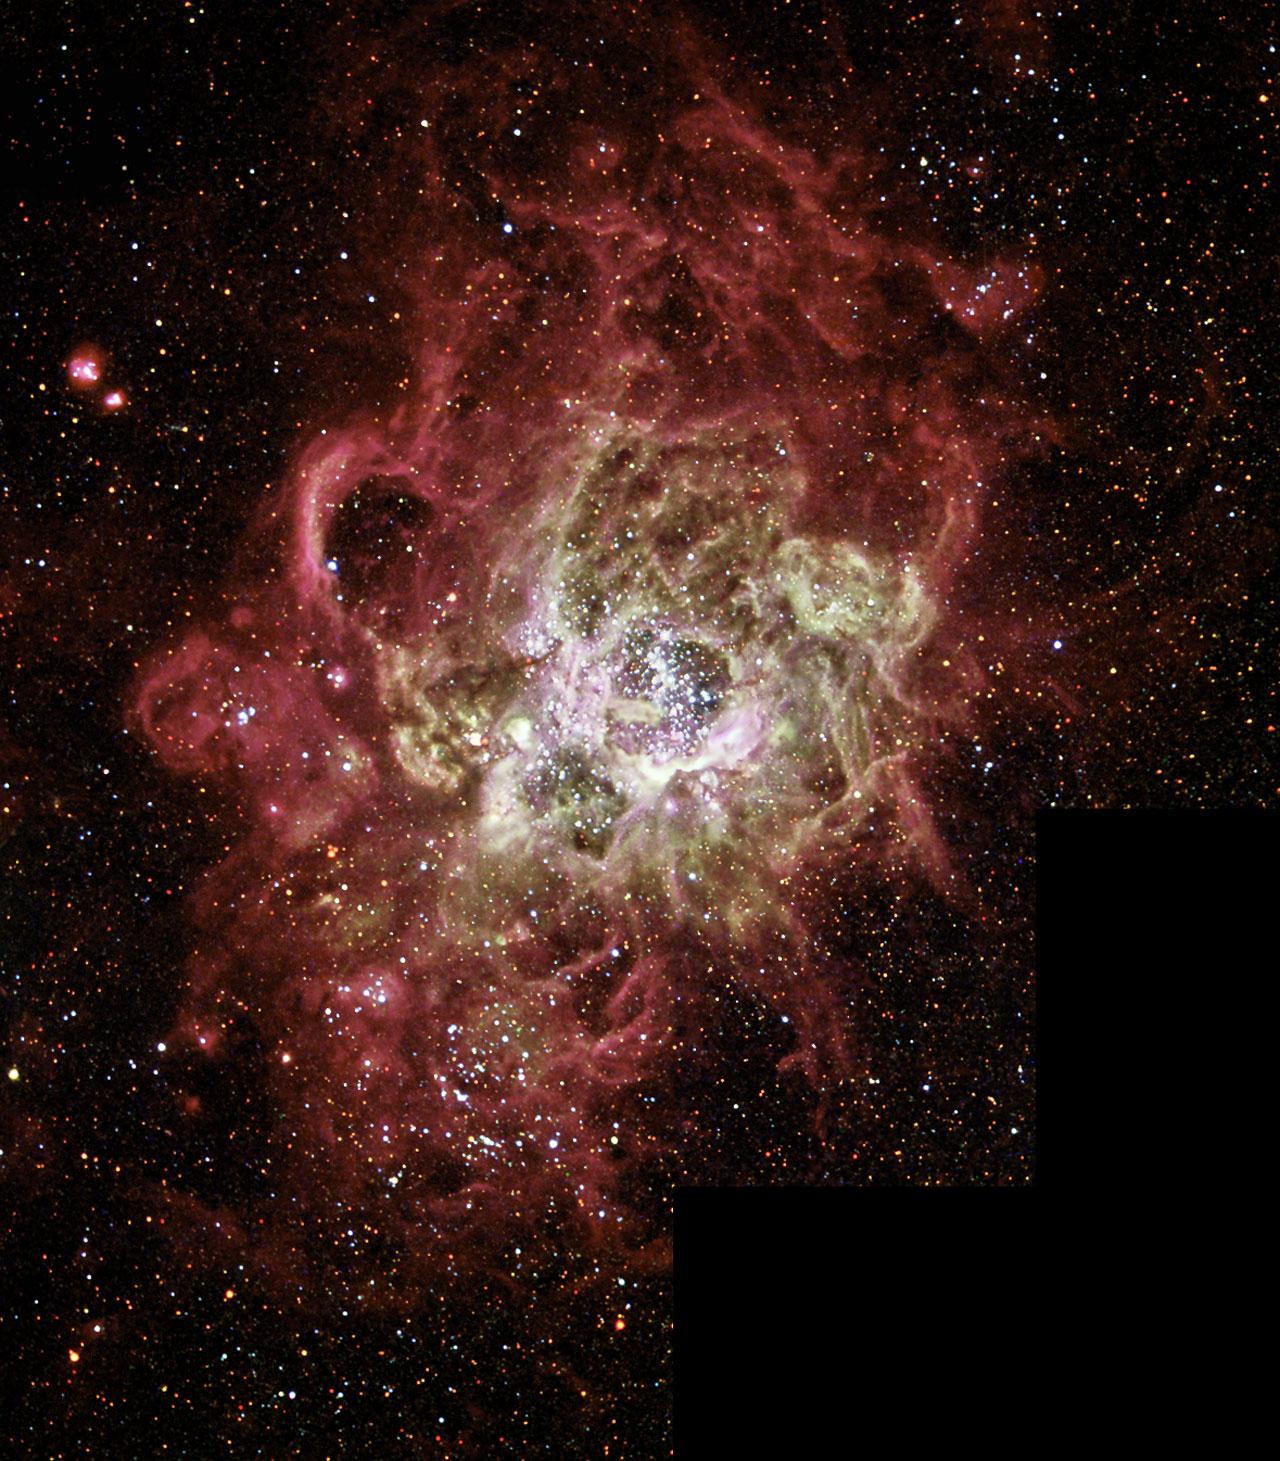 Firestorm of Star Birth Seen in a Local Galaxy